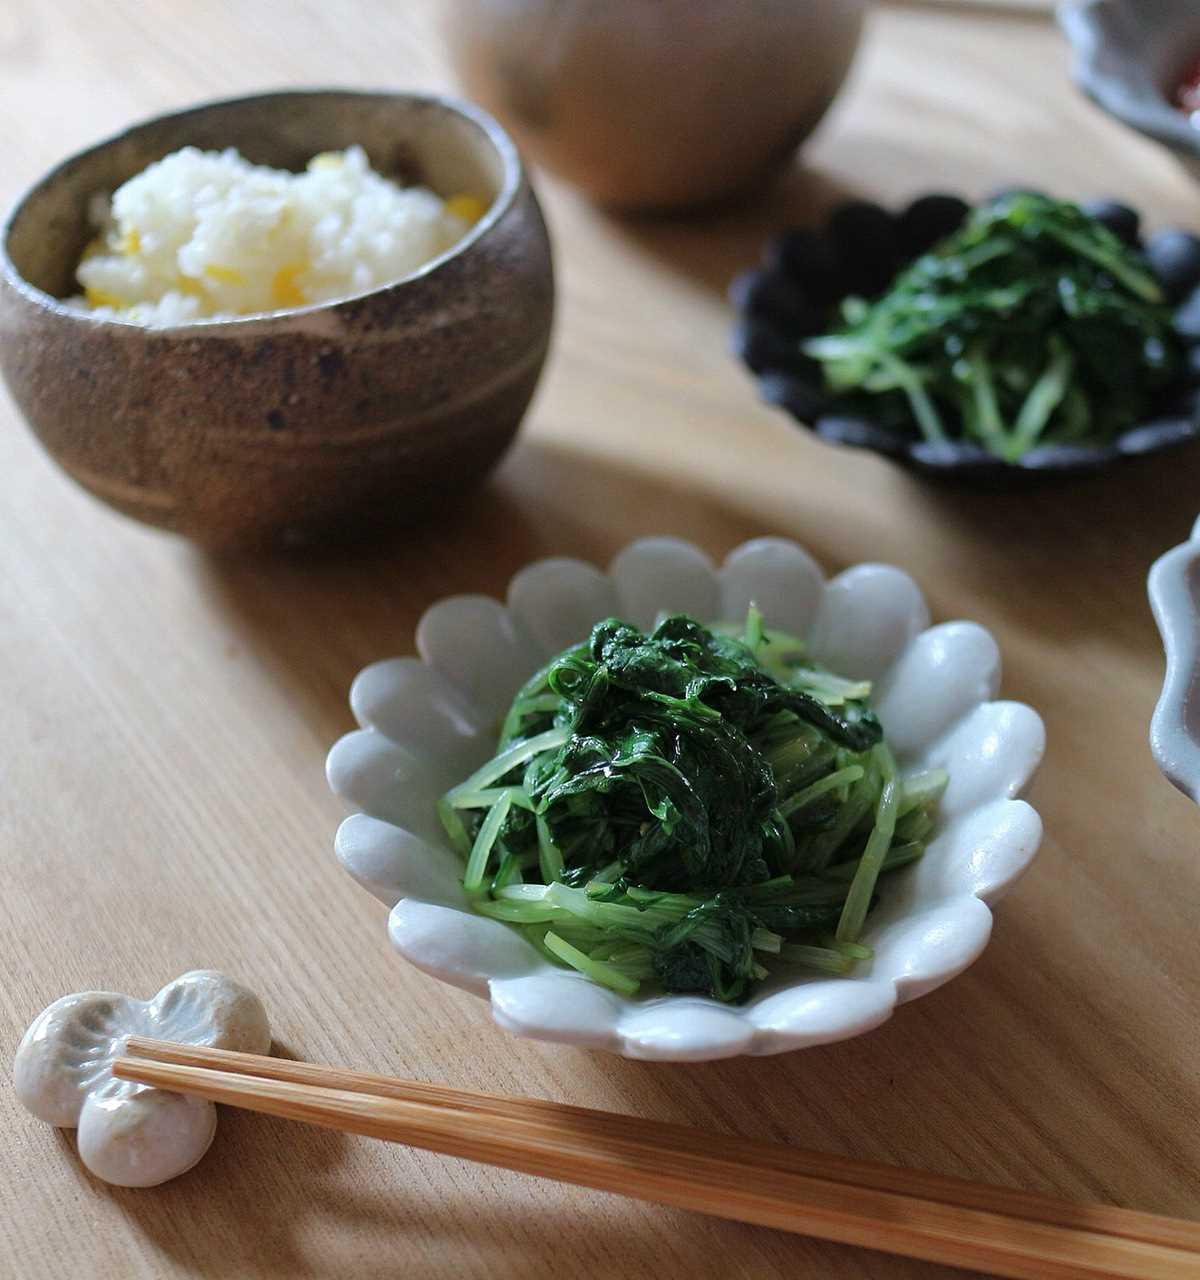 棗(なつめ、ナツメ)のなつめチップ(なつめチップス)はとっても人気。効果・効能は優れており、妊活・更年期・PMS・冷え性に良い  棗(なつめ、ナツメ)のなつめチップスはとても優秀、カリウム・亜鉛・葉酸・鉄分・ポリフェノールがたっぷり  なつめいろの棗(なつめ、ナツメ)なつめチップ(なつめチップス)はとても優秀、プロリン・ポリフェノールたっぷりでアンチエイジングに良い